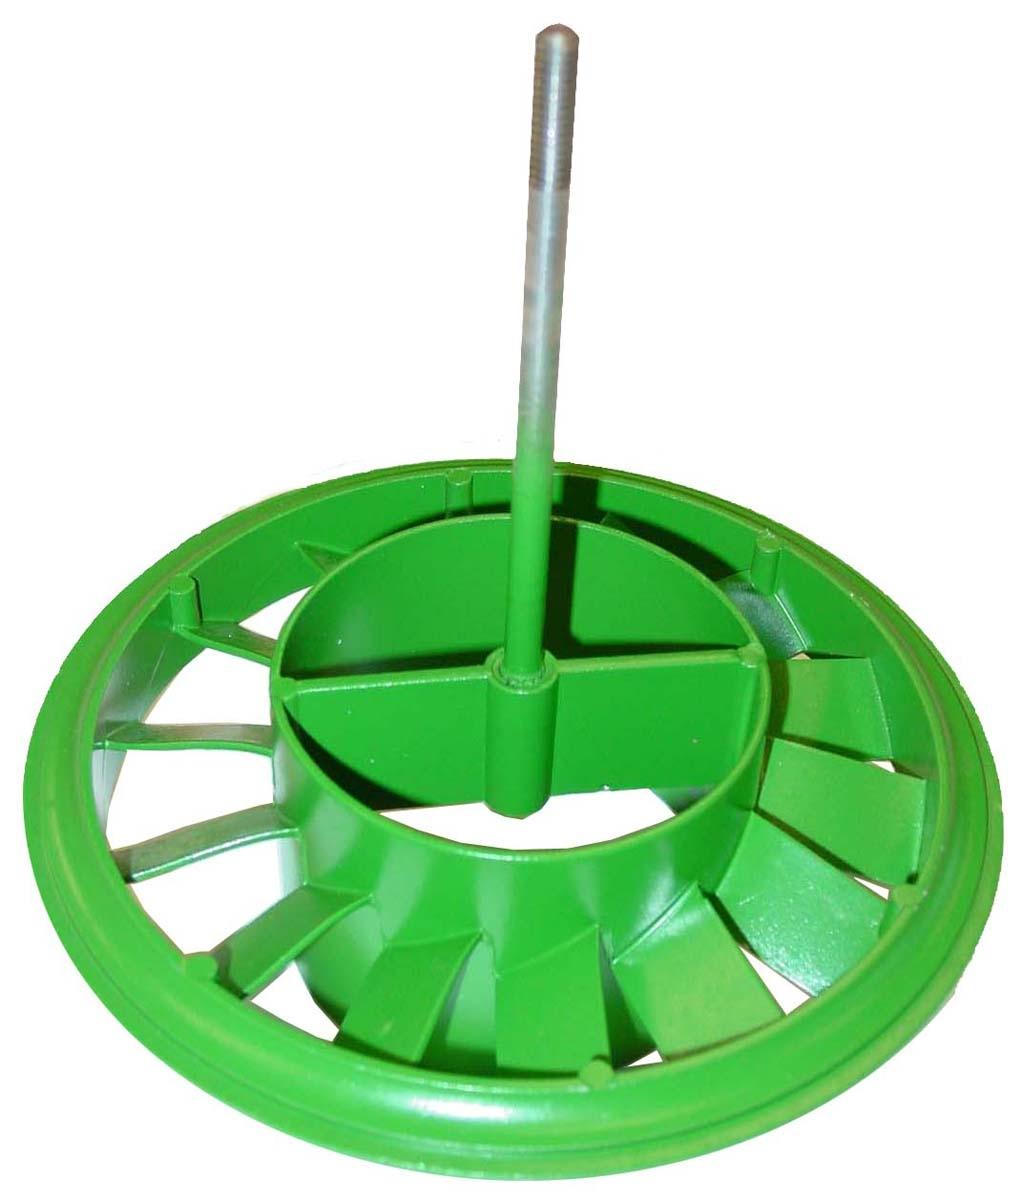 PRE-CLEANER BASE (METAL)